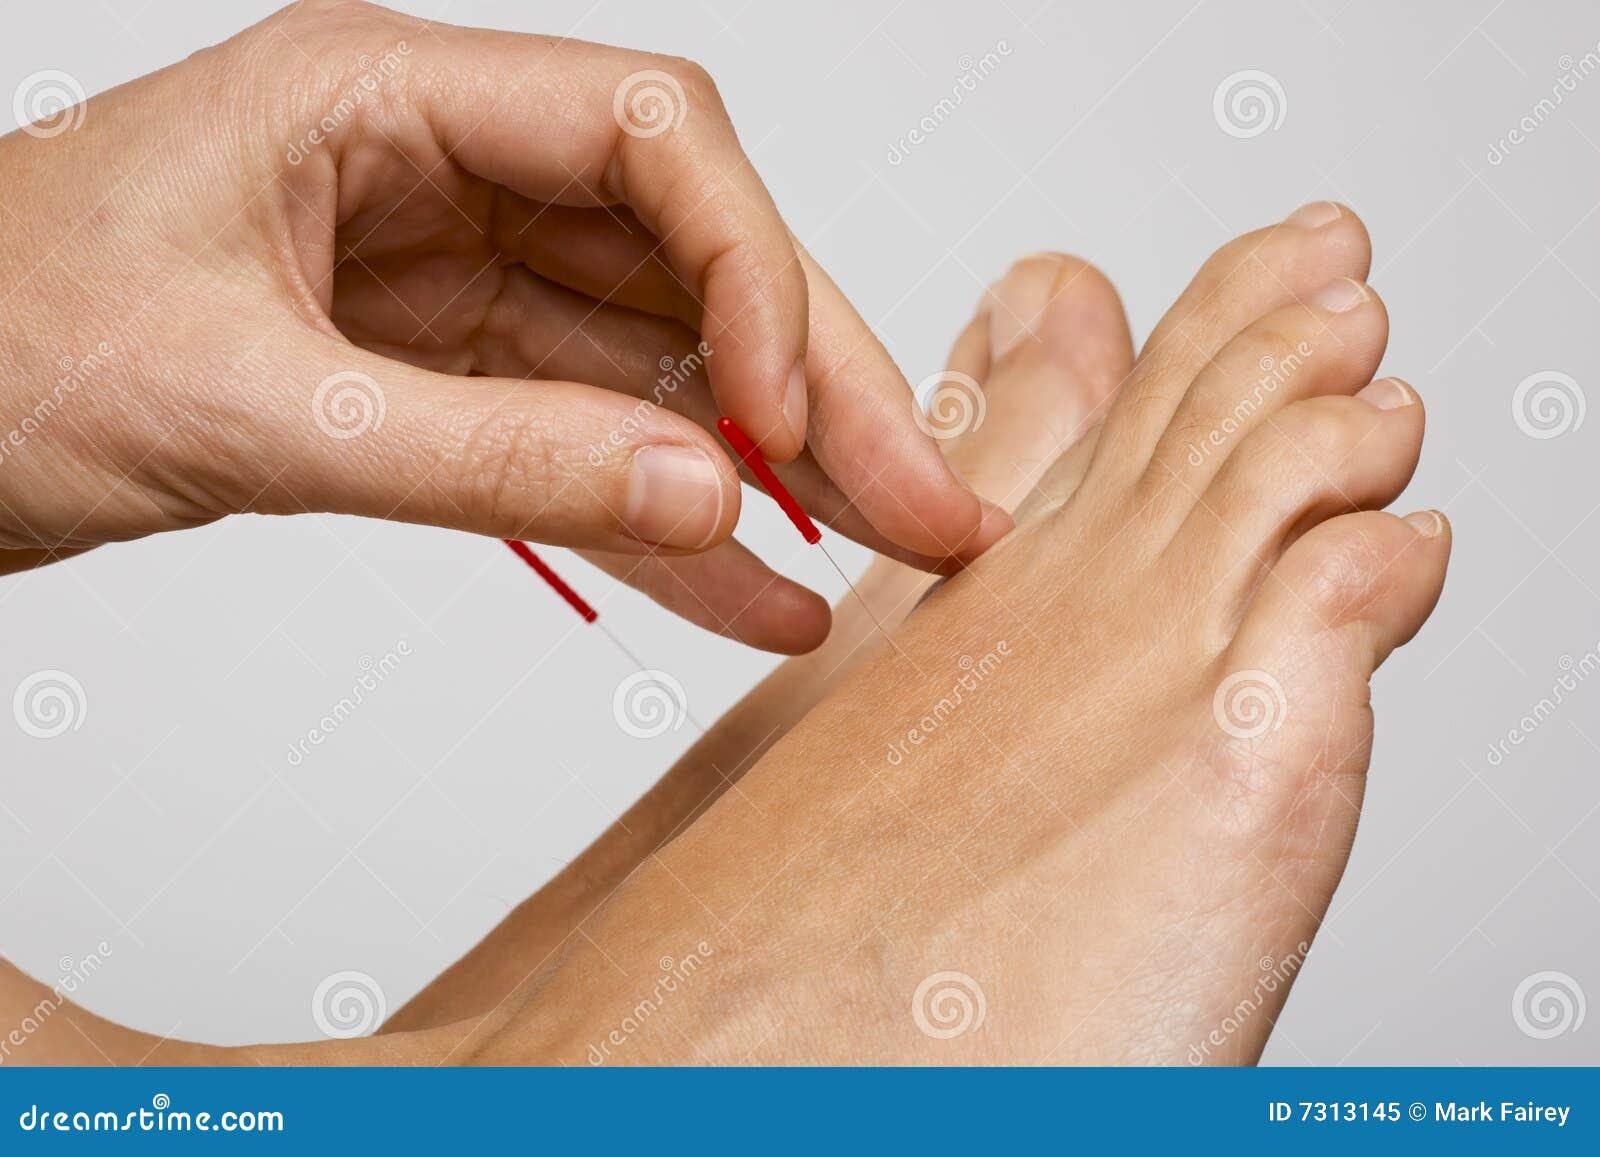 Ago di agopuntura applicato al piede